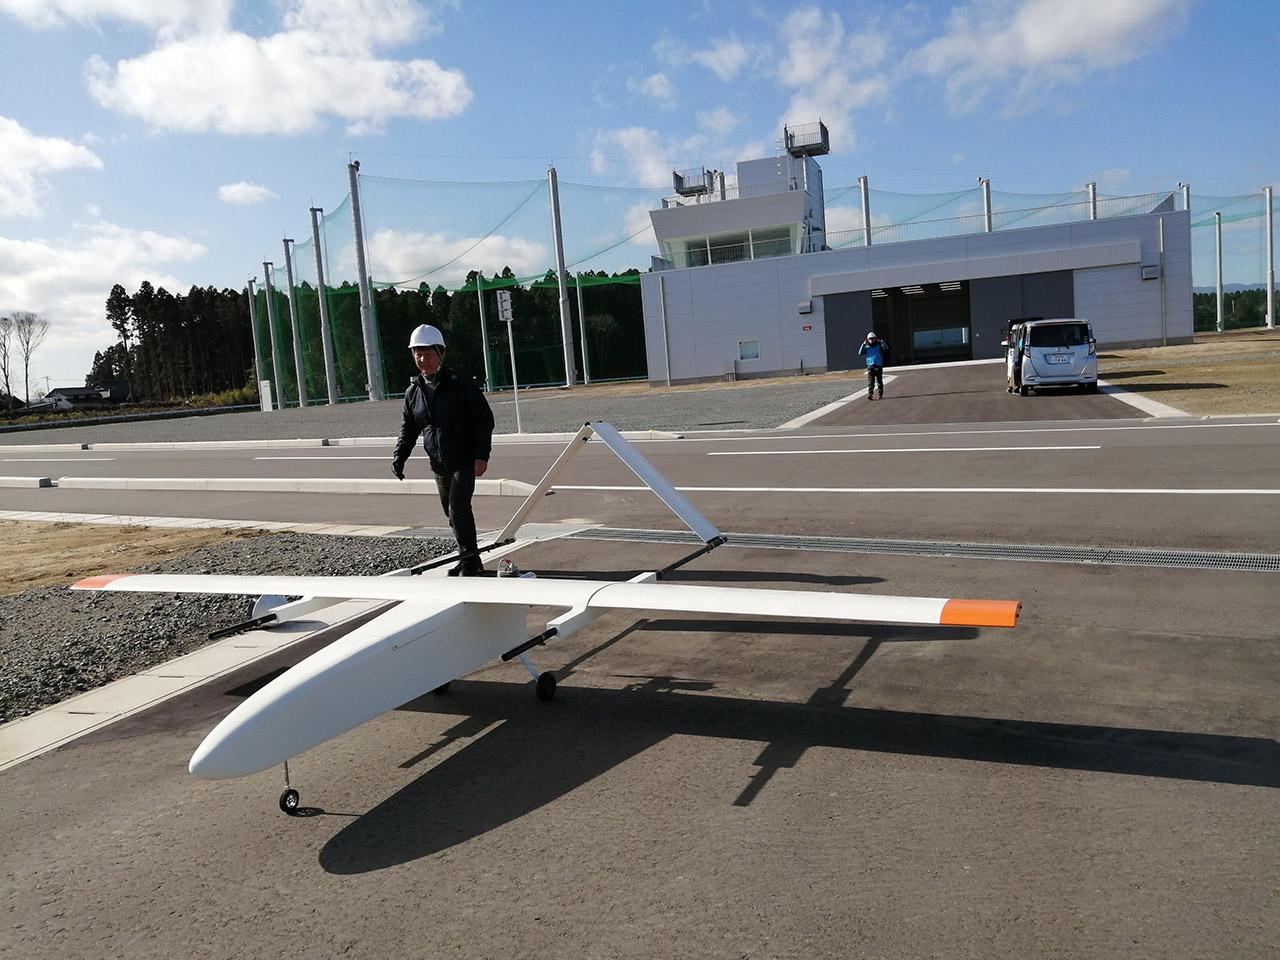 04_翼長4m固定翼型長距離無人航空機